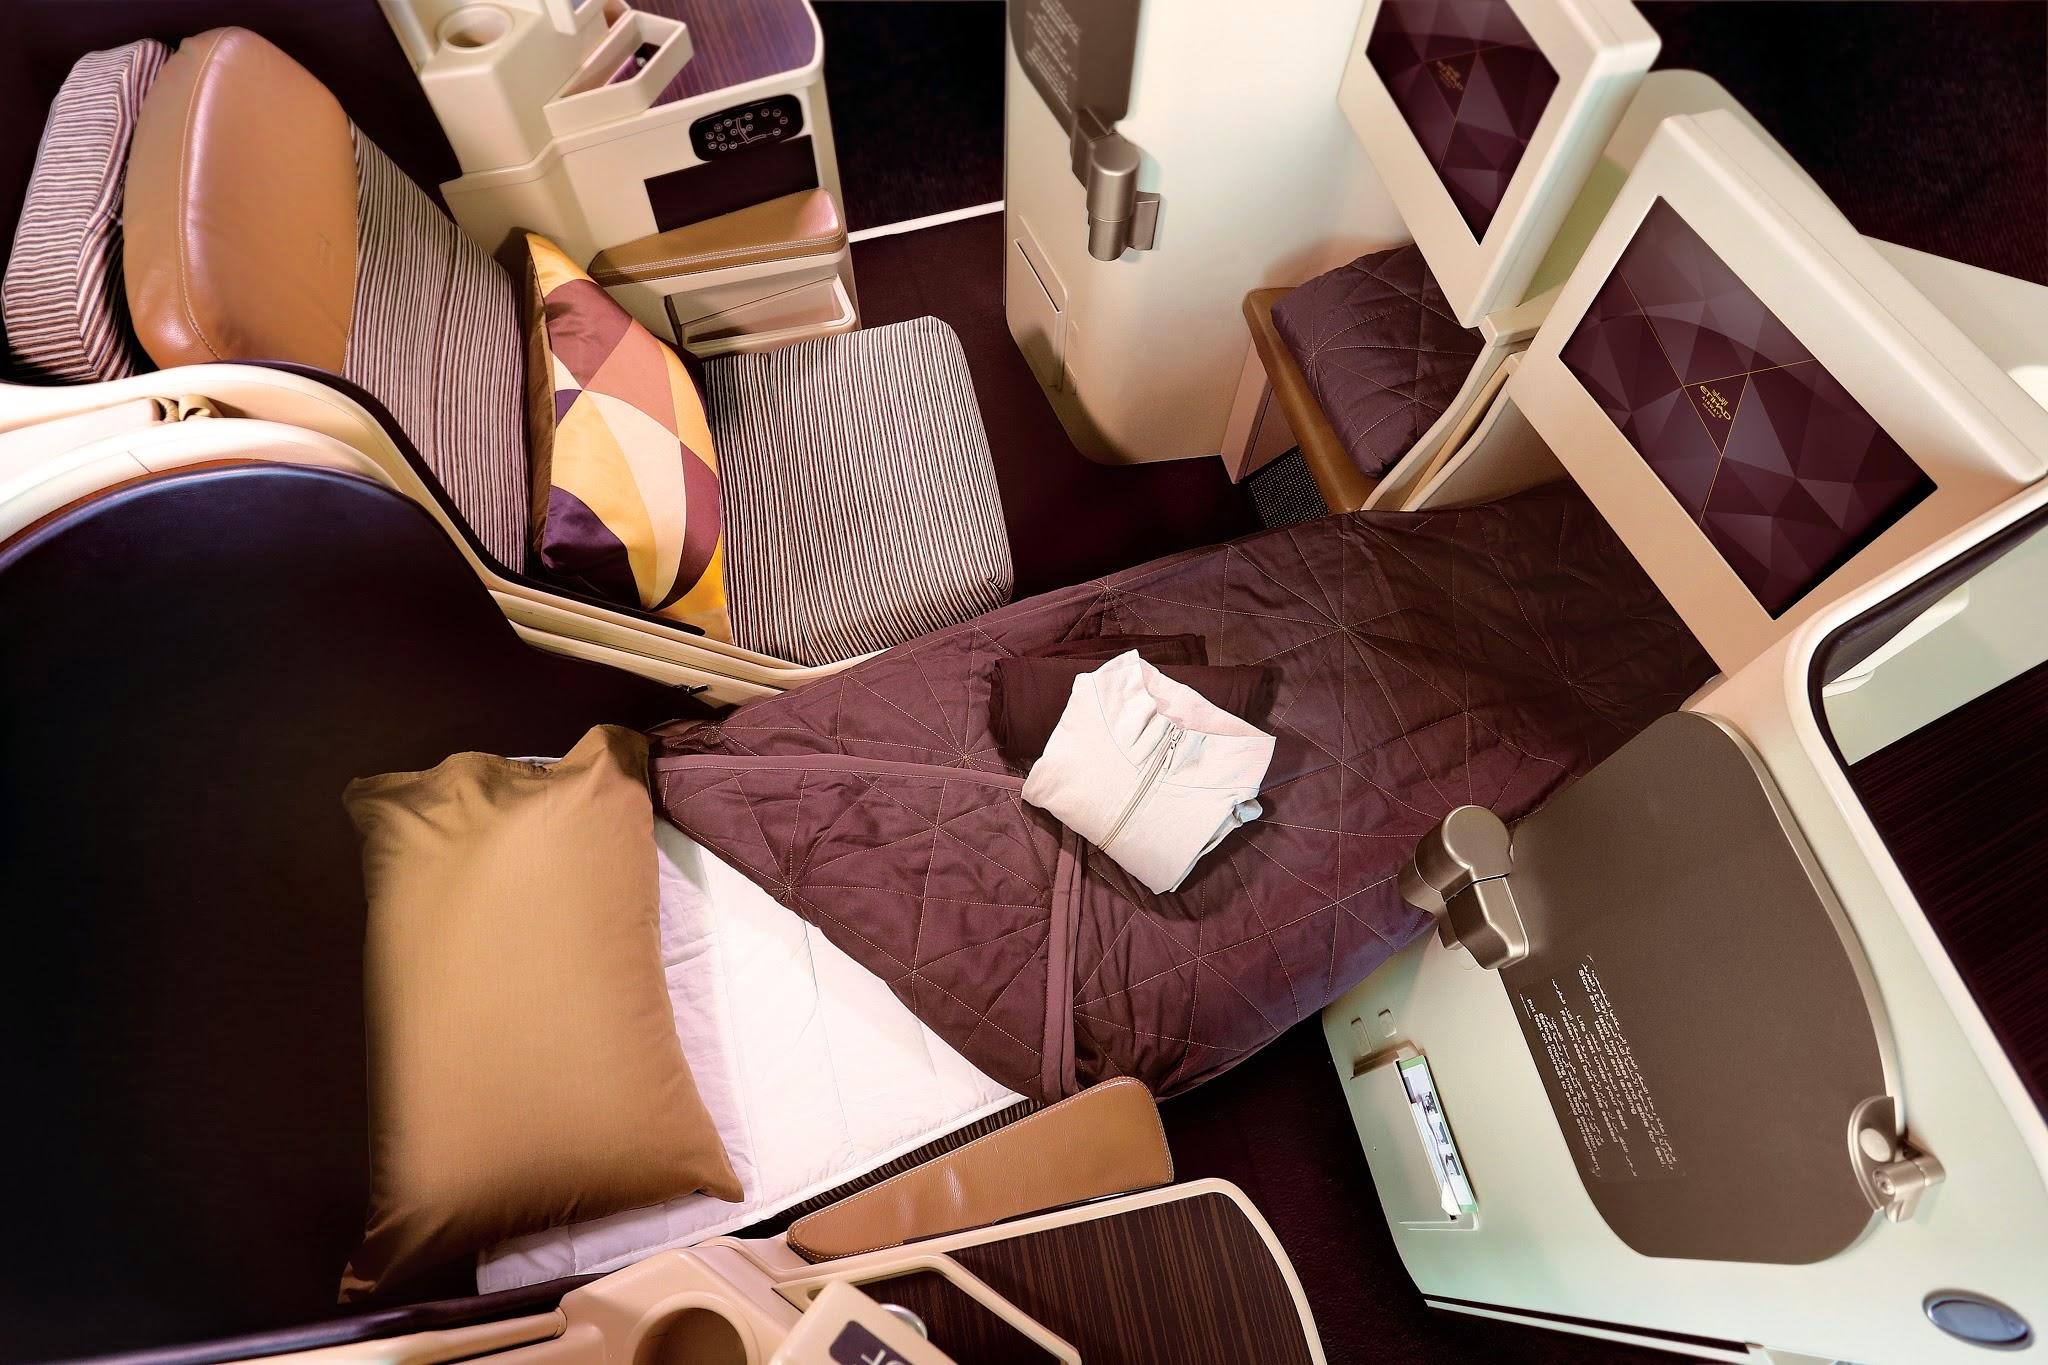 Das Business Flatbed: Auf allen Langstreckenflügen garantiert Etihad ein flaches Bett und einen eigenen Zugang zum Gang.